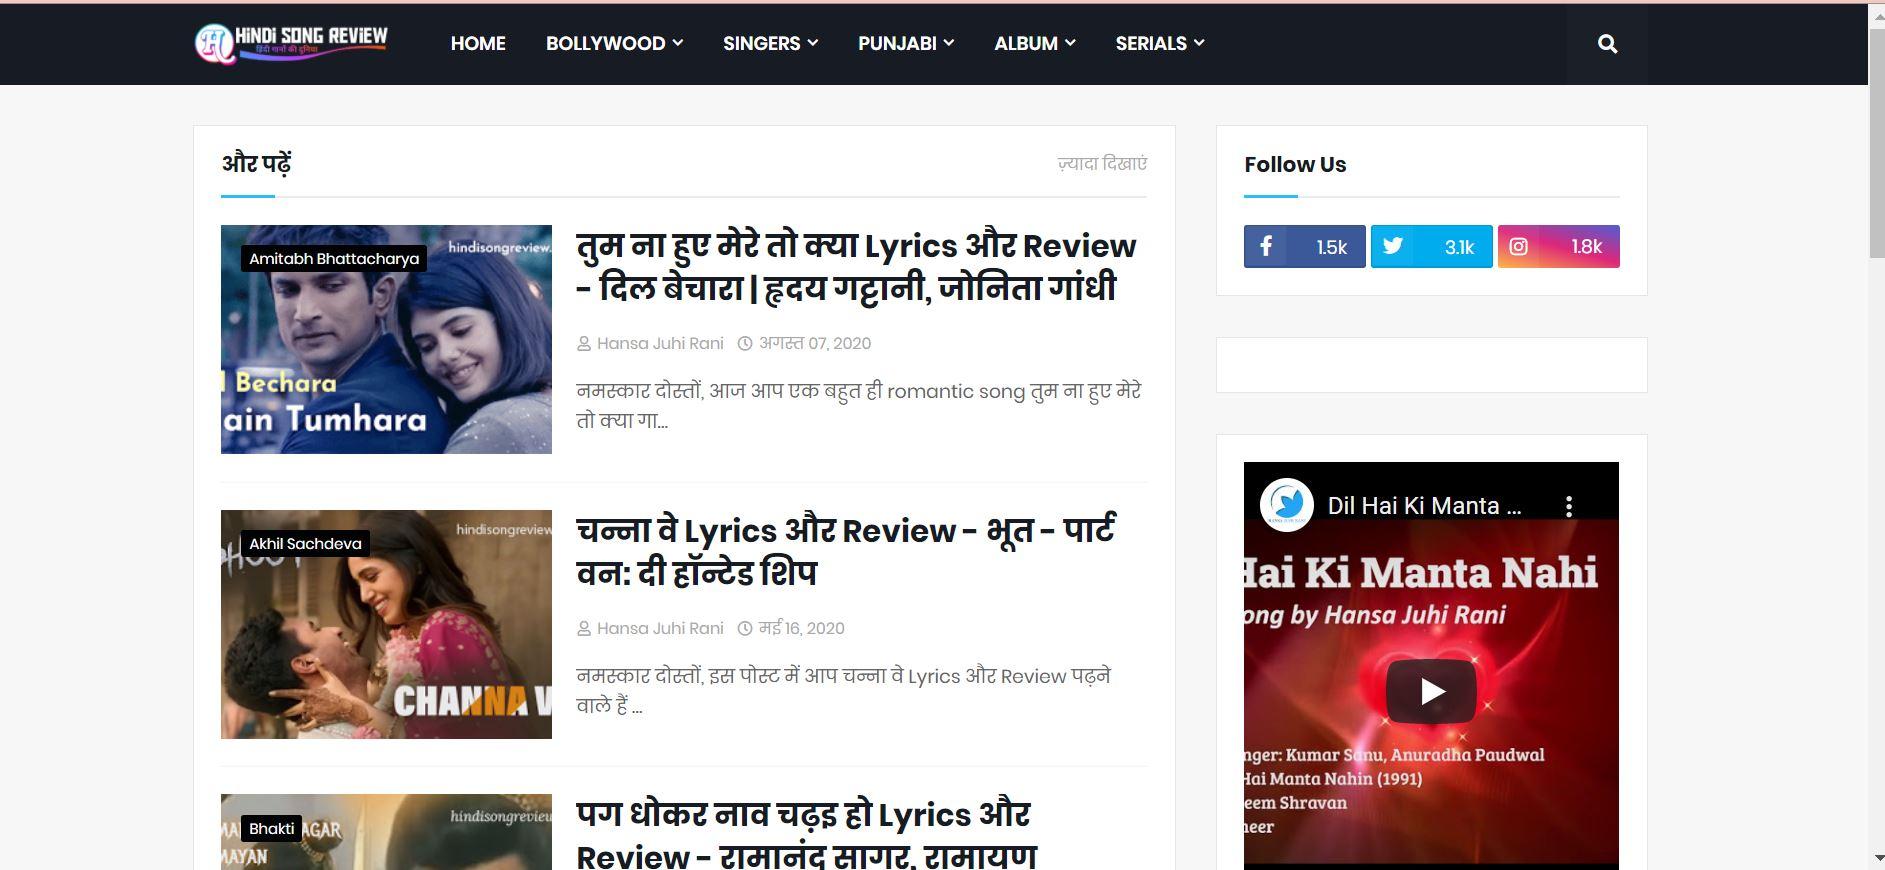 Hindi Song Review